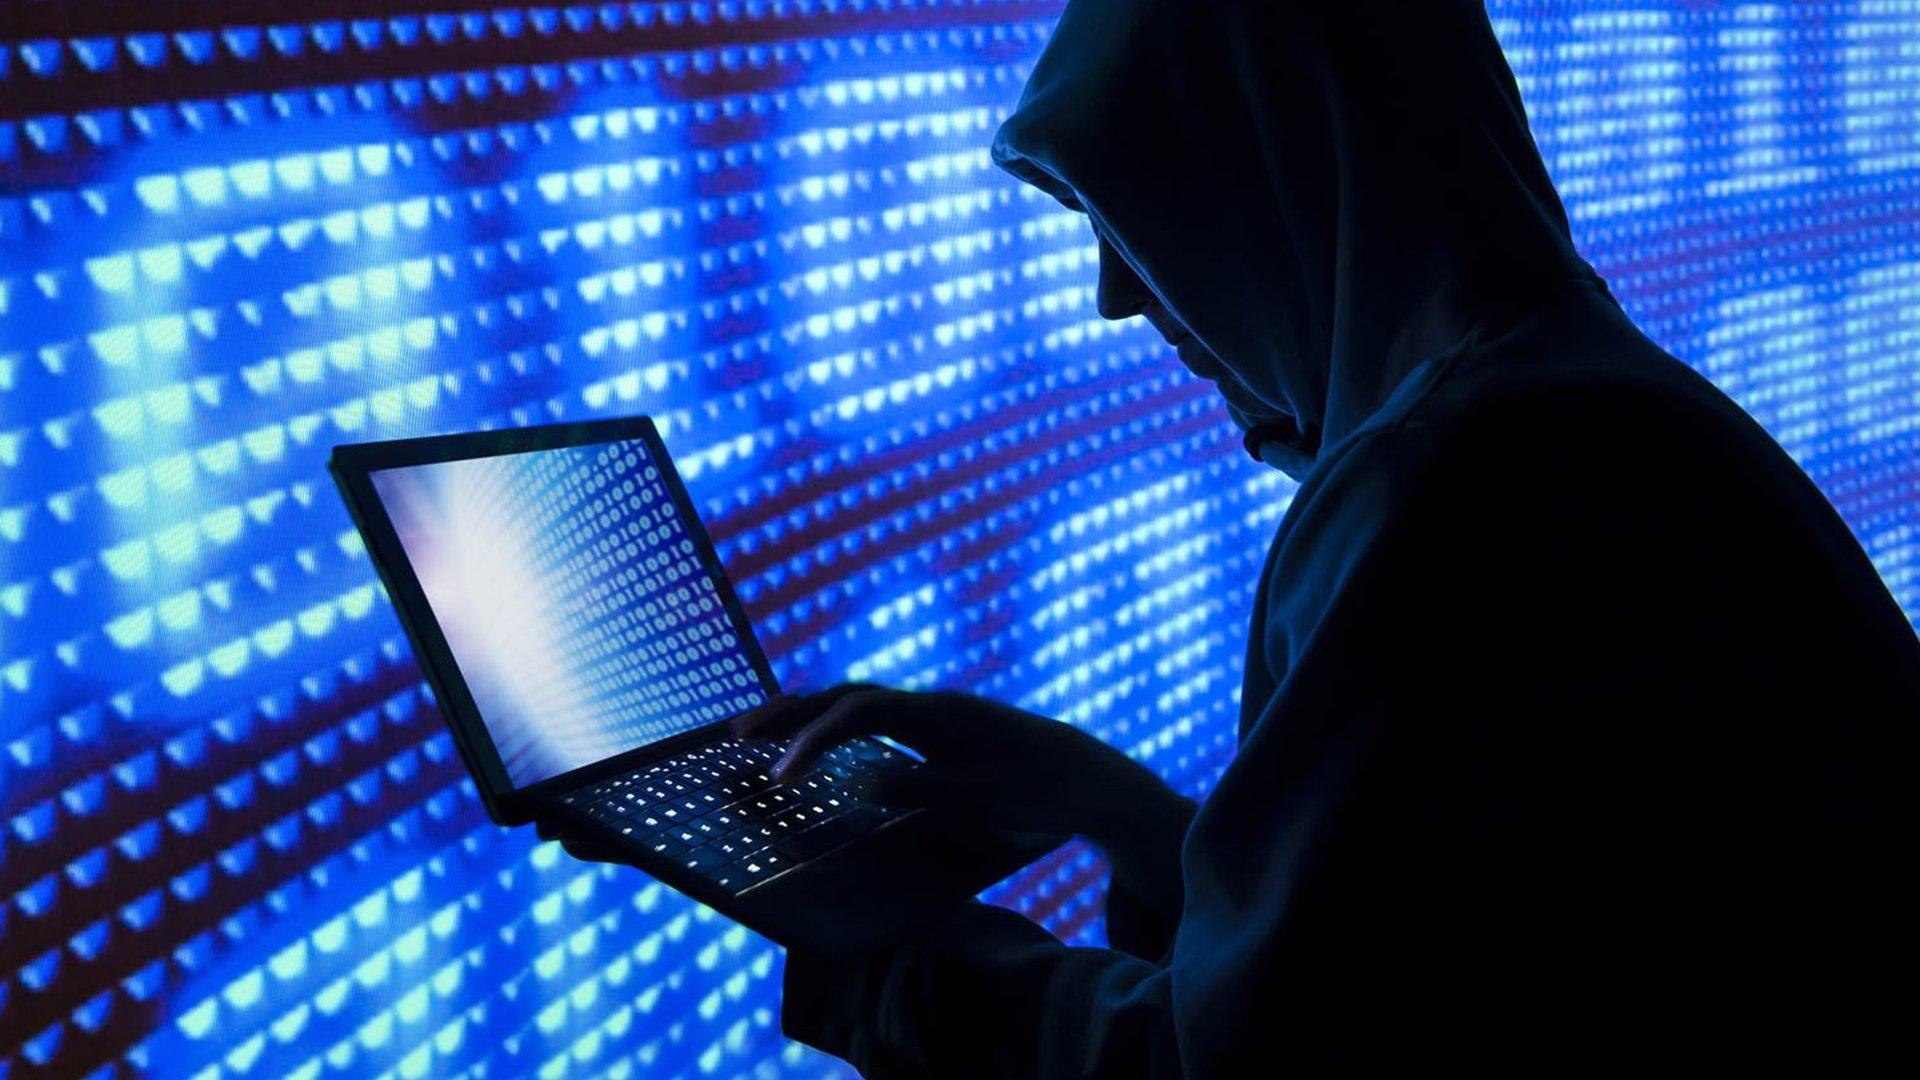 Госорганы РК провалили тест на спровоцированную киберспециалистами фишинговую атаку